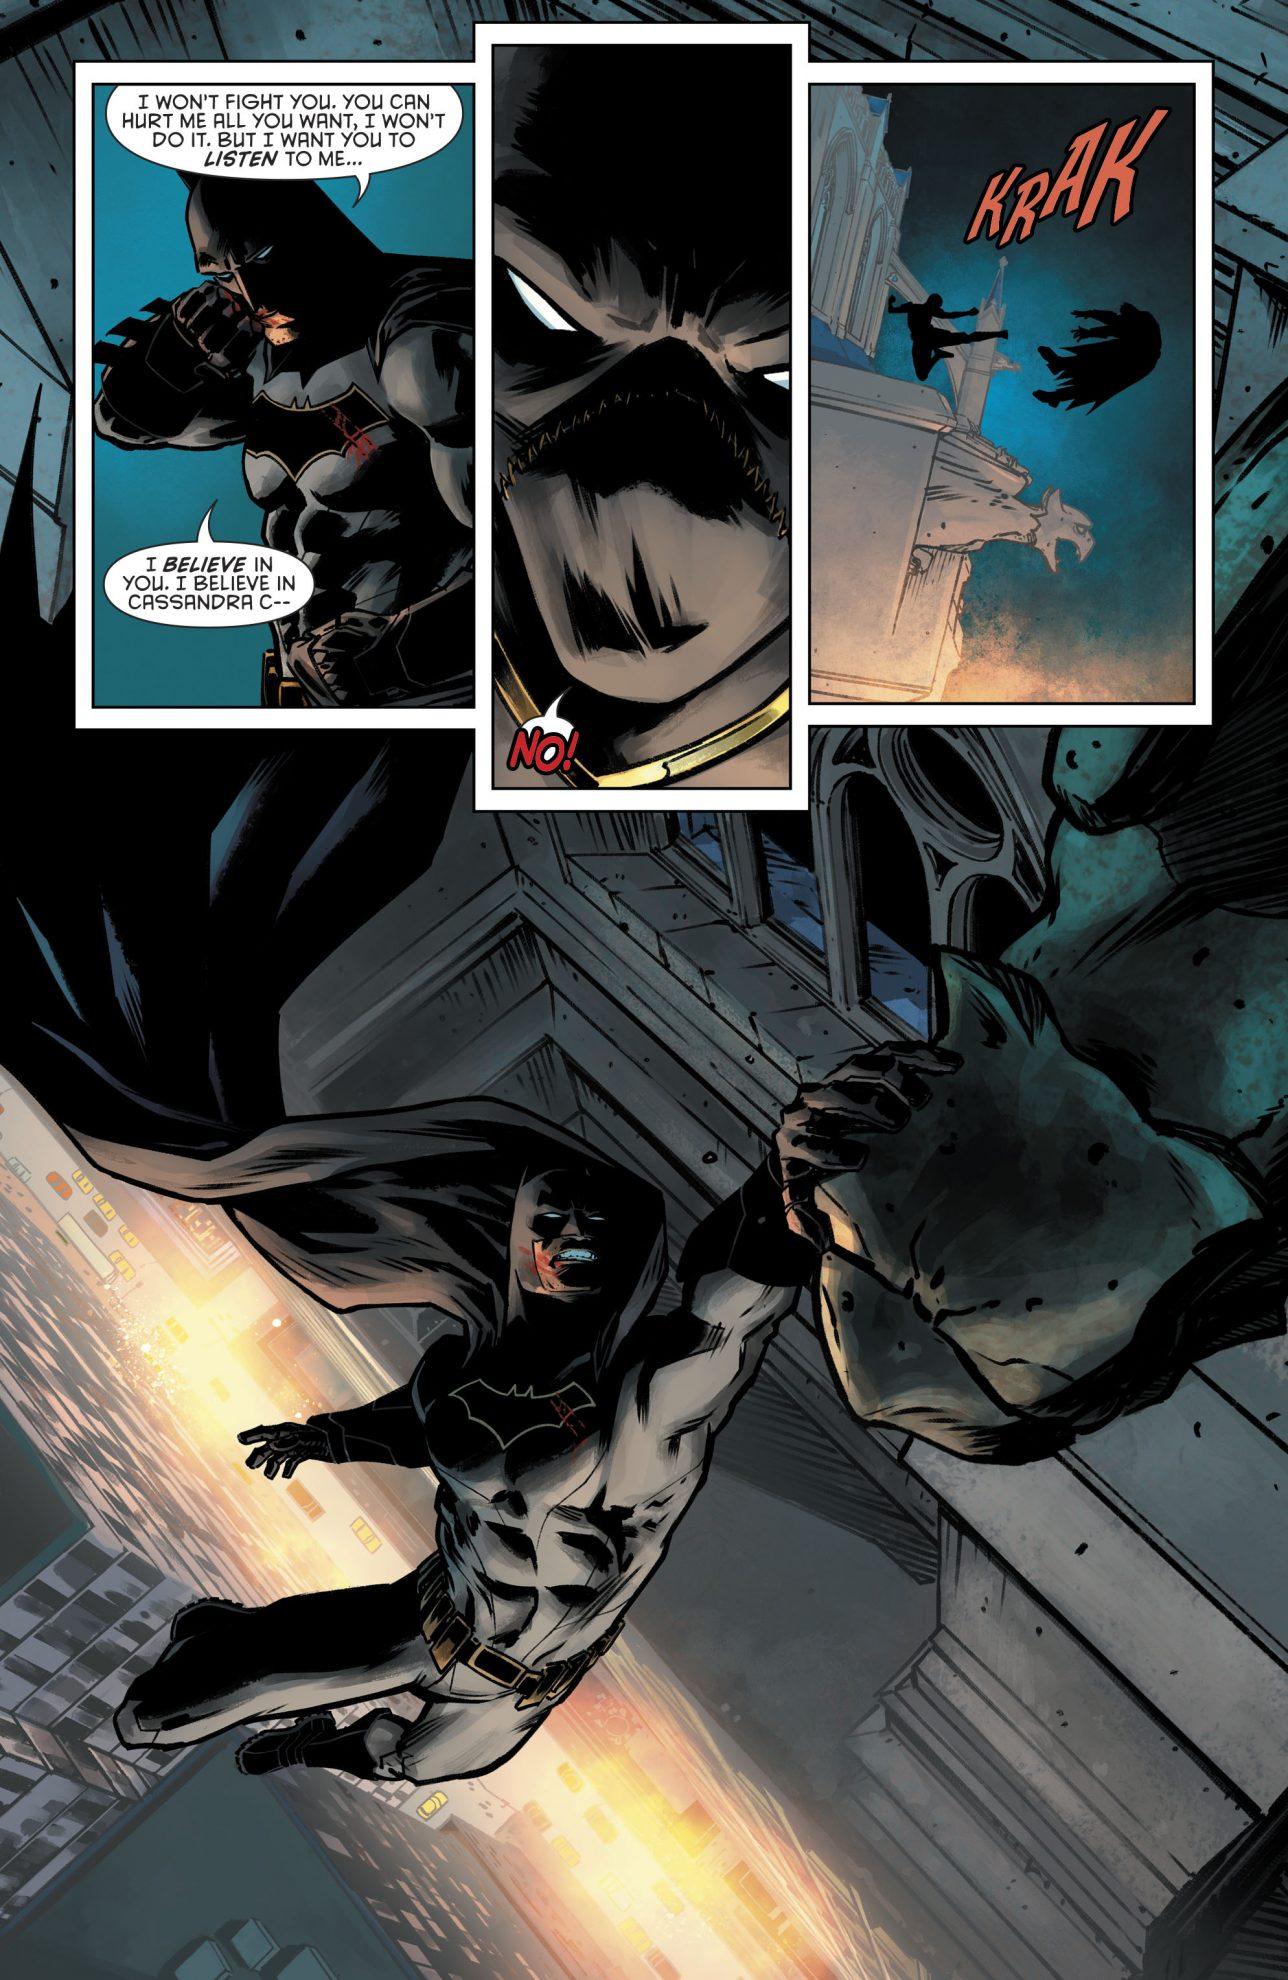 Batman VS Orphan (Detective Comics Vol 1 #953)